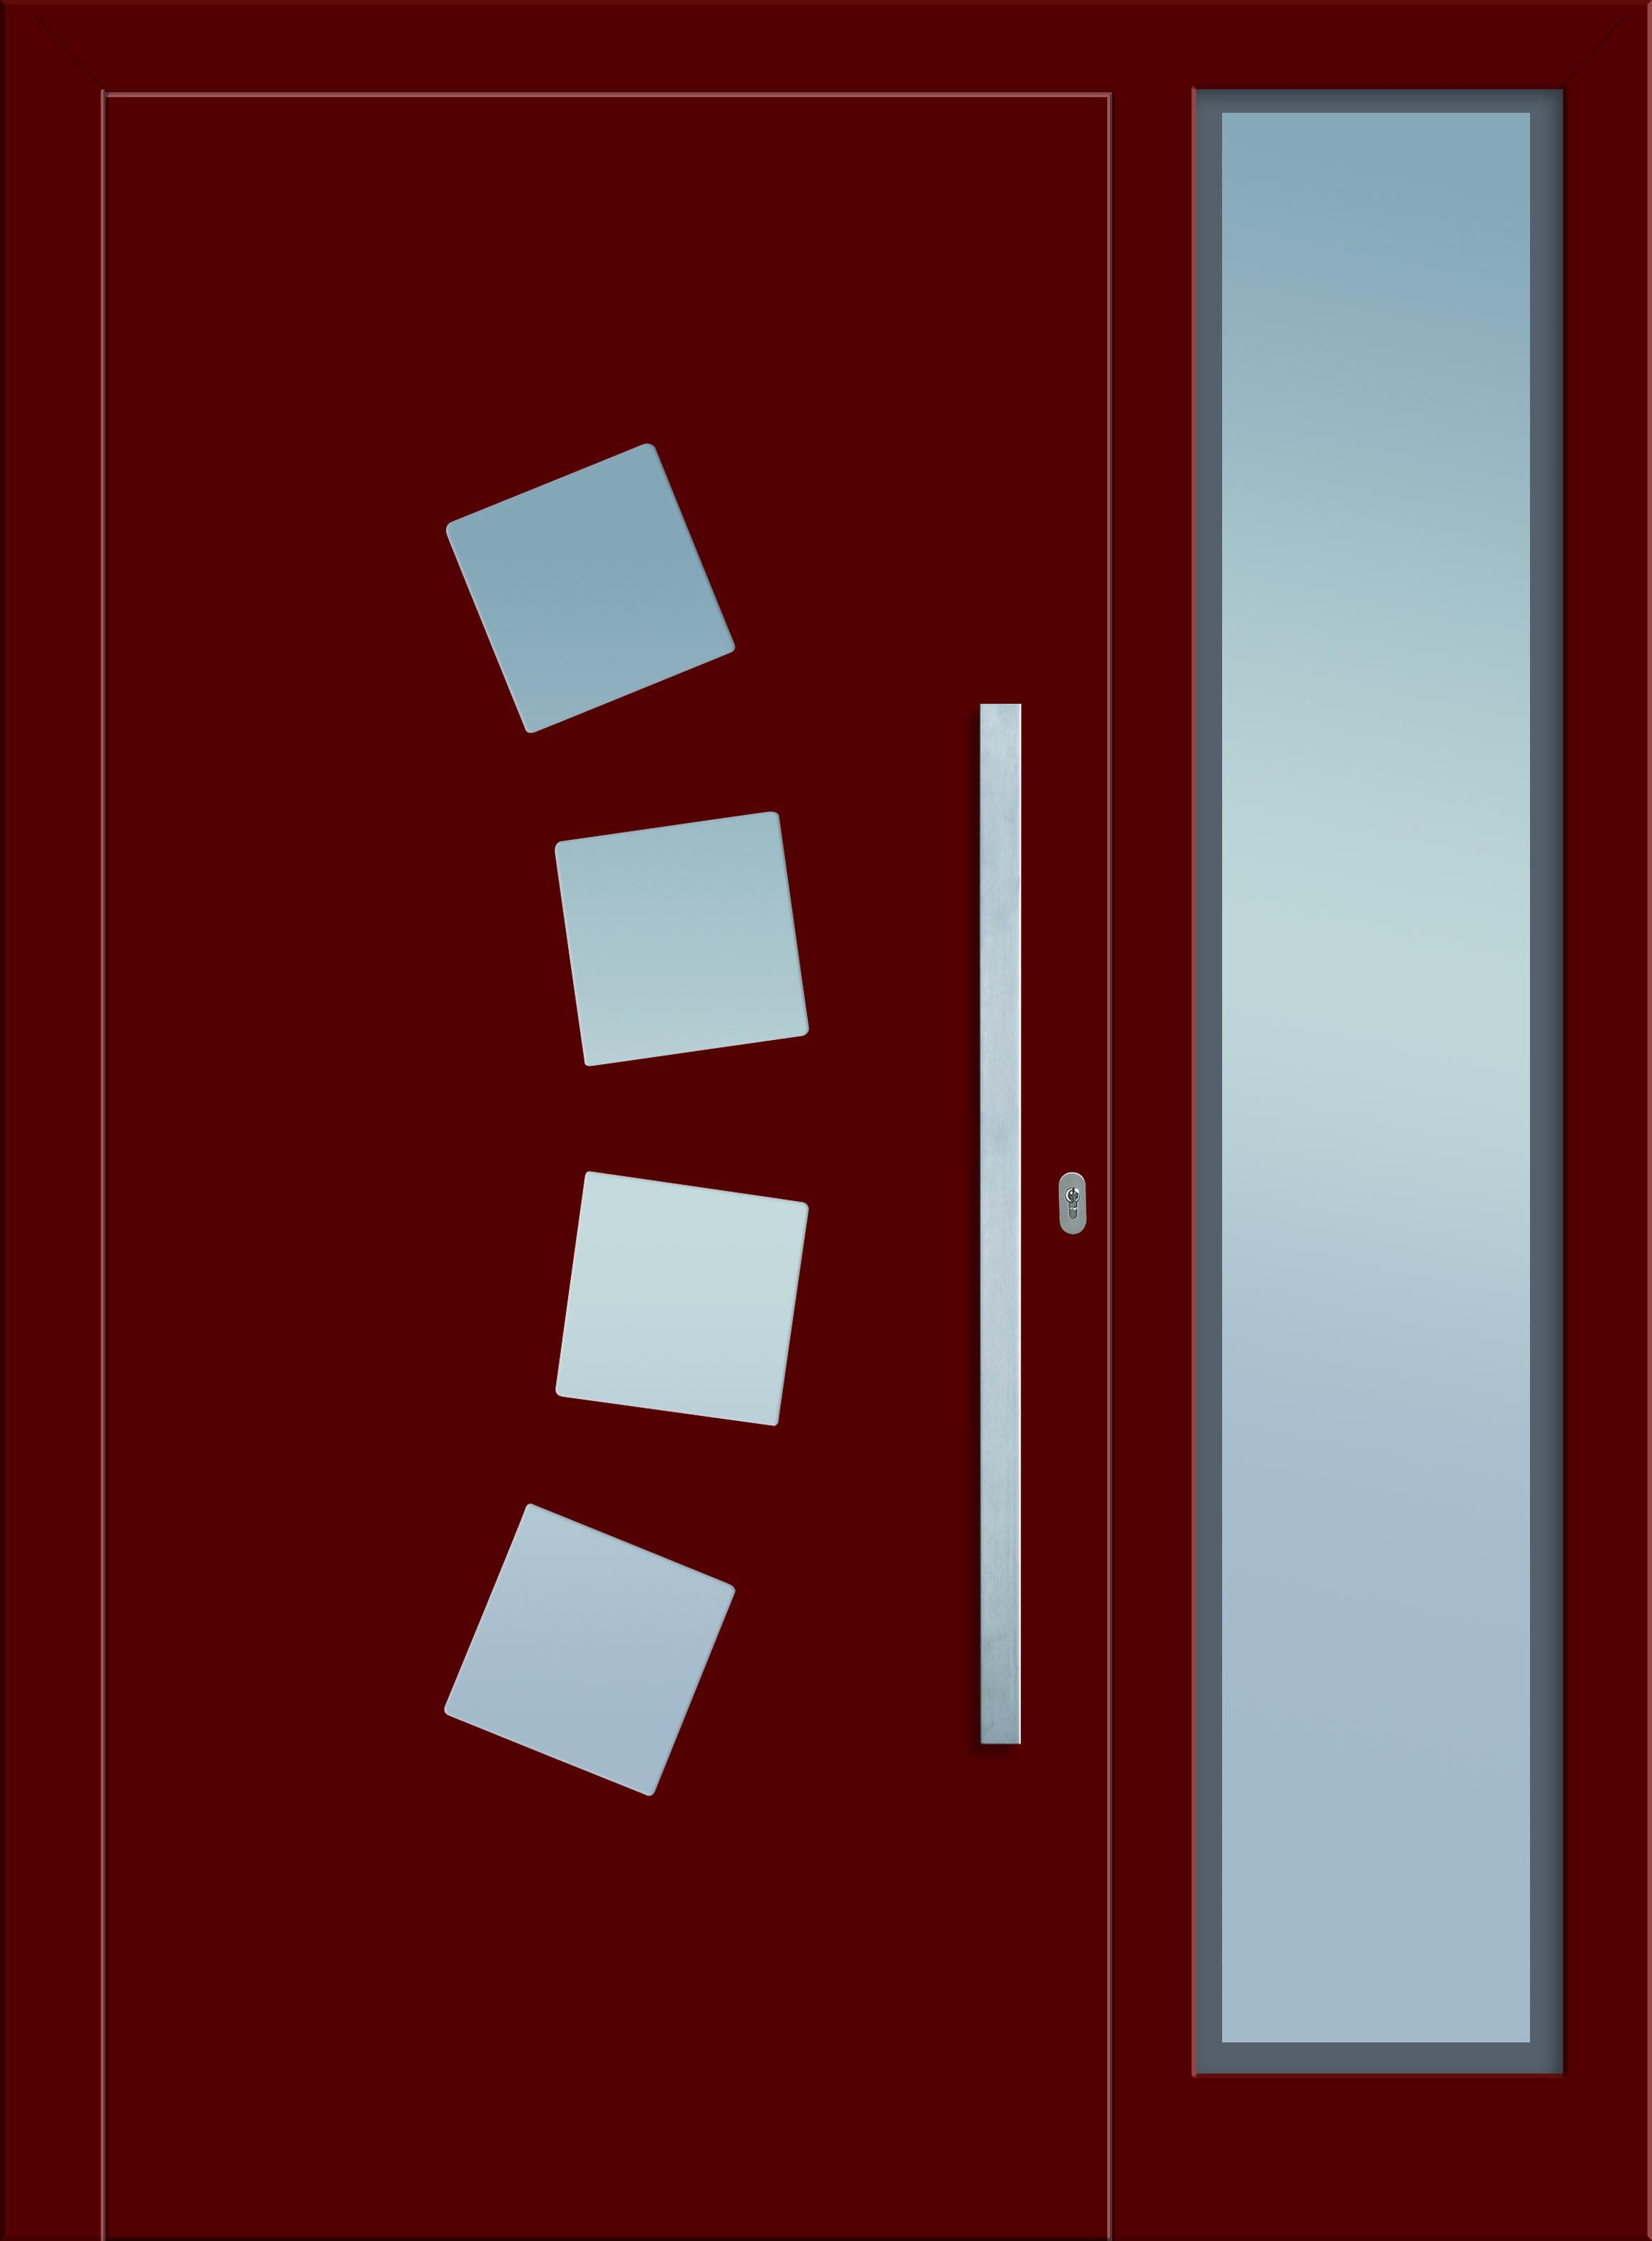 Modell Kuma 1 Aluminium-Eingangstüre in rot mit Seitenteil - Außenansicht! Sternstunden-Türen erhätlich bei Fenster-Schmidinger aus Gramastetten in Oberösterreich! #doors #türen #alutüren #sternstunden